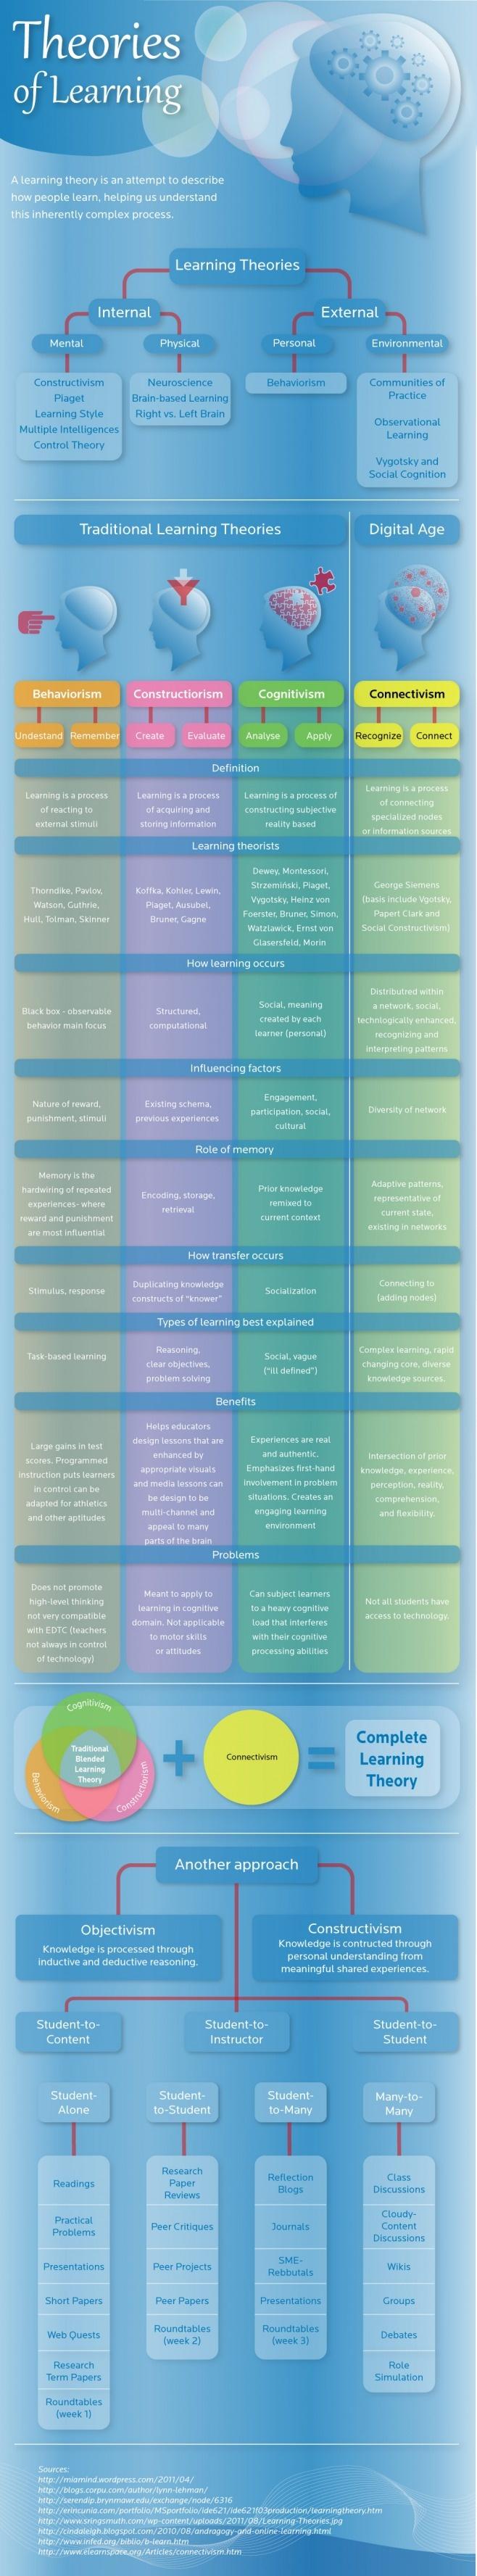 Teorías de Aprendizaje: del conductivismo al conectivismo